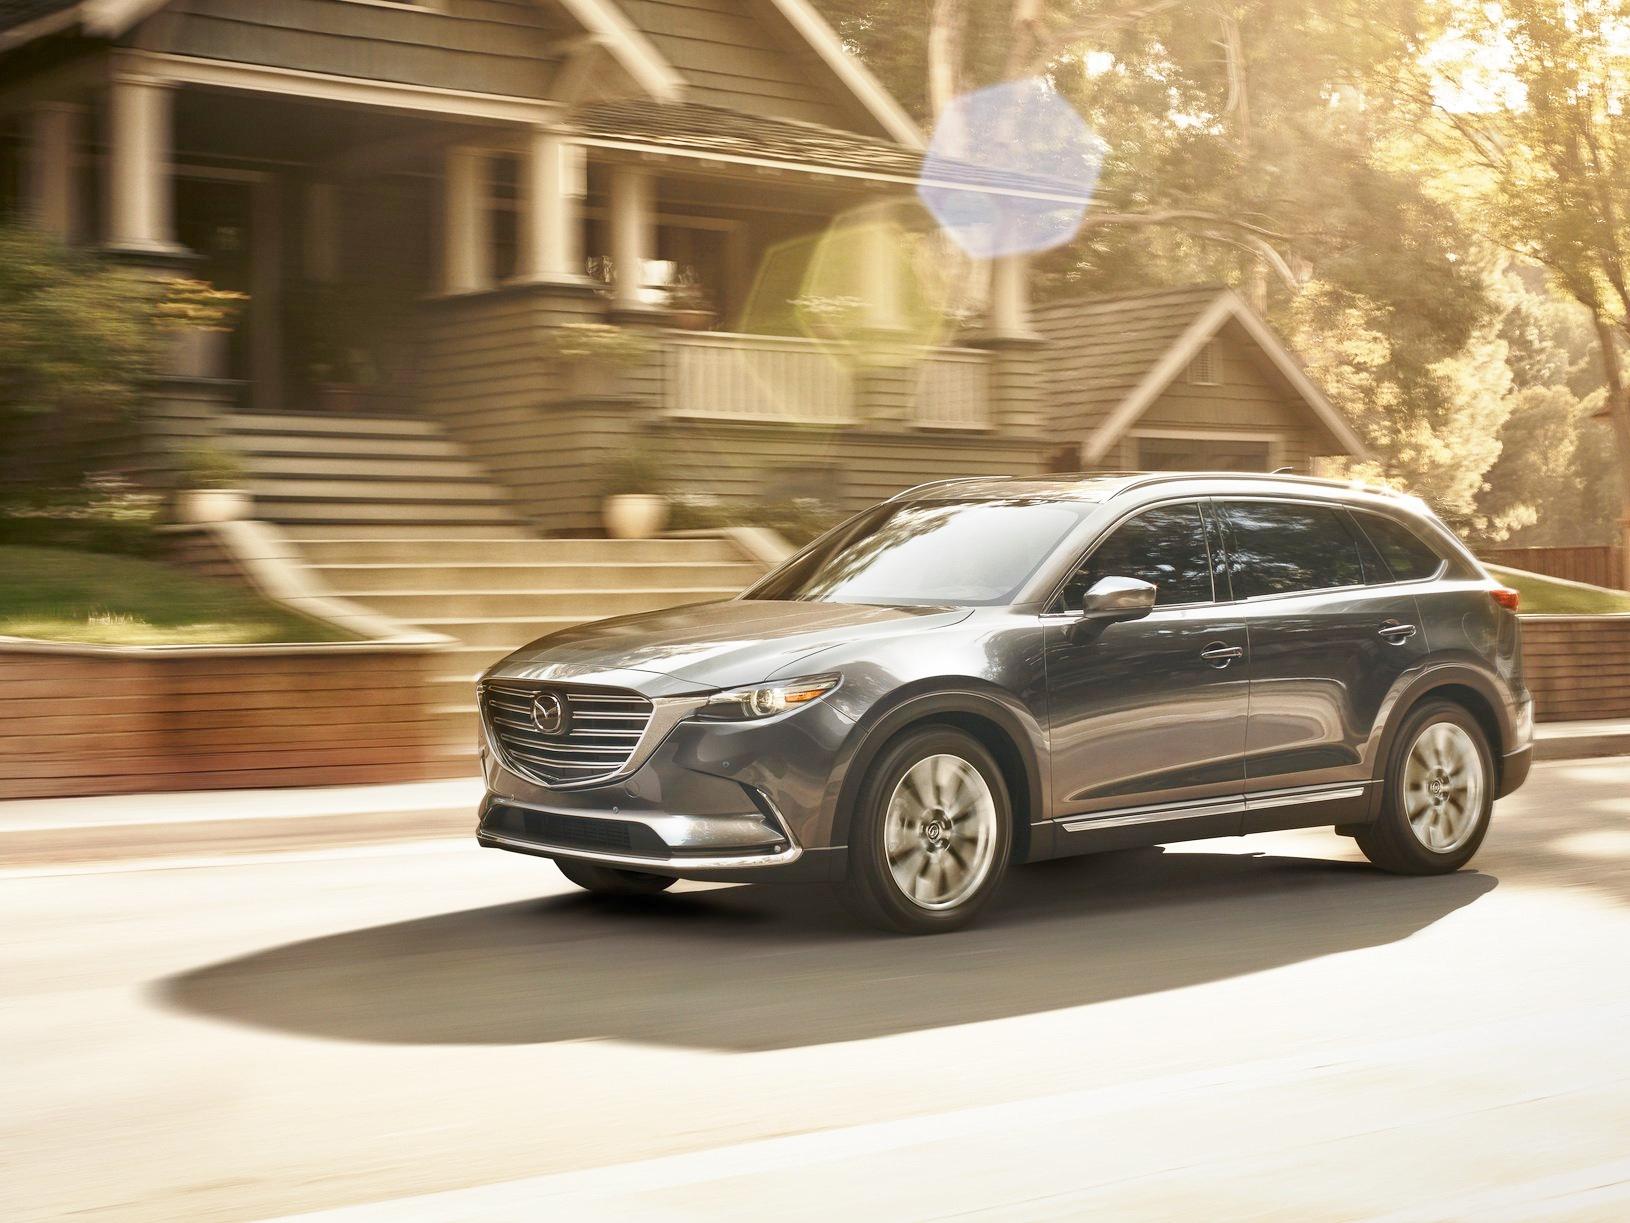 Mazda-CX-9-2019-them-tinh-nang-tang-gia-ban-anh-1